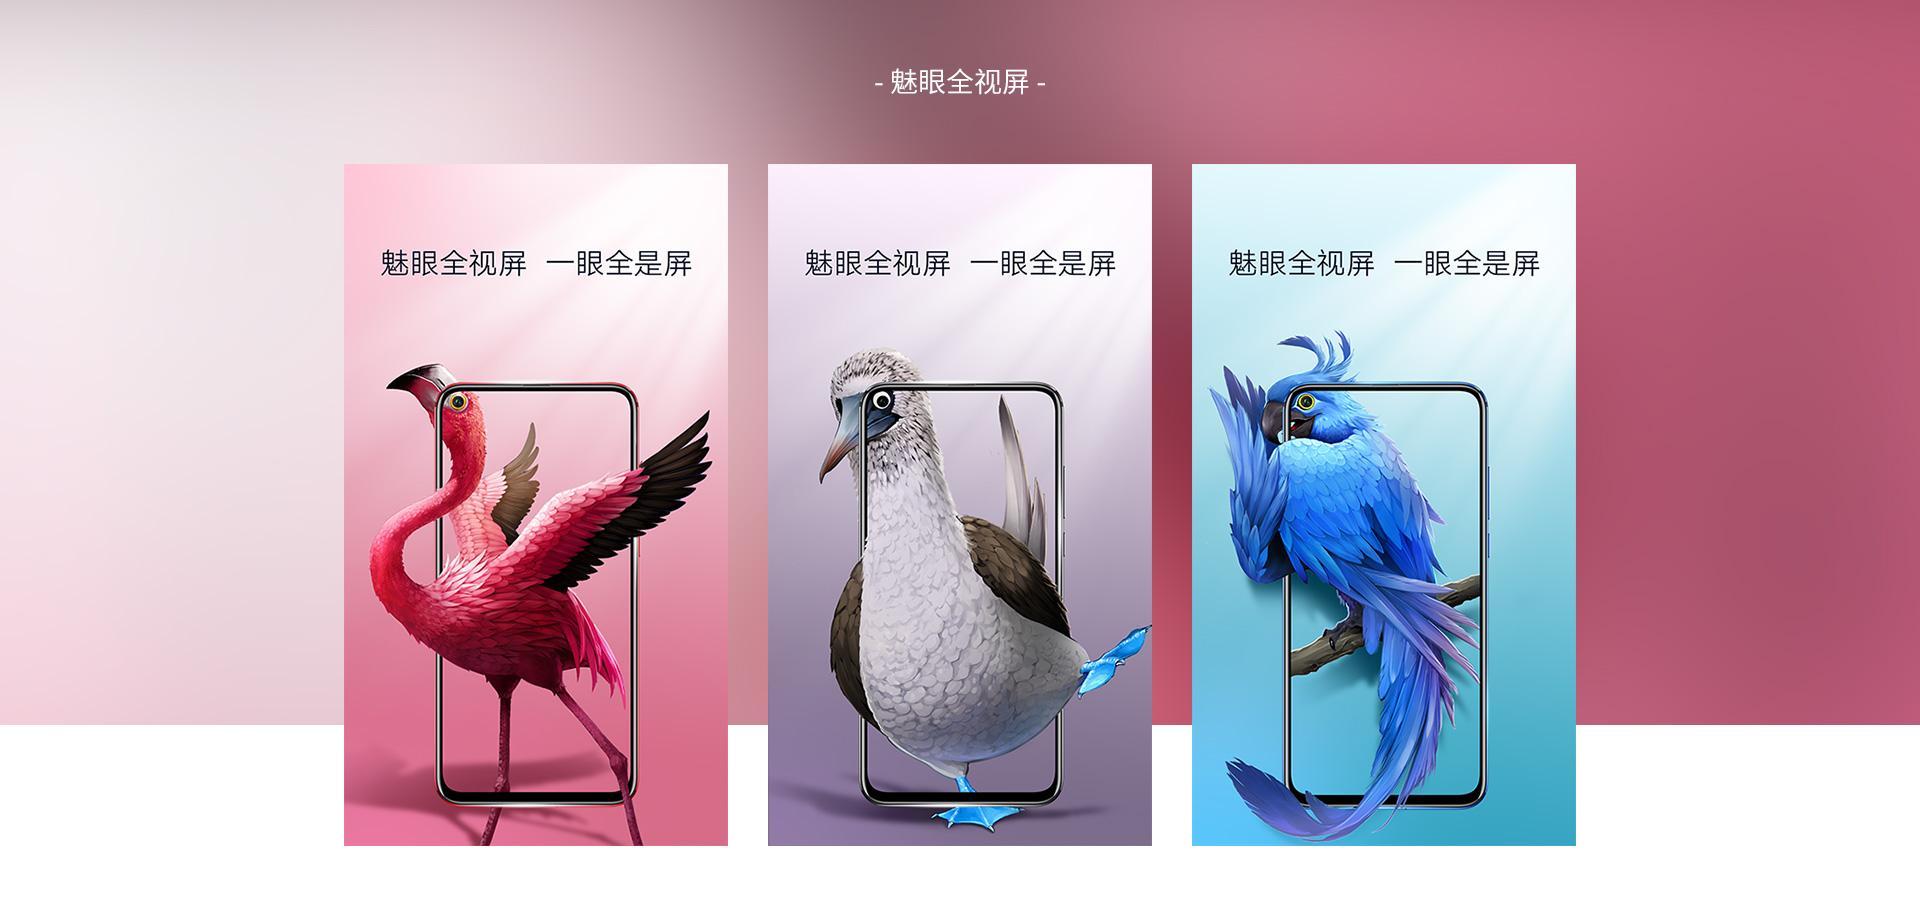 荣耀V20发布在即 1TB版本被爆出 售价可能会超过华为Mate 20 Pro